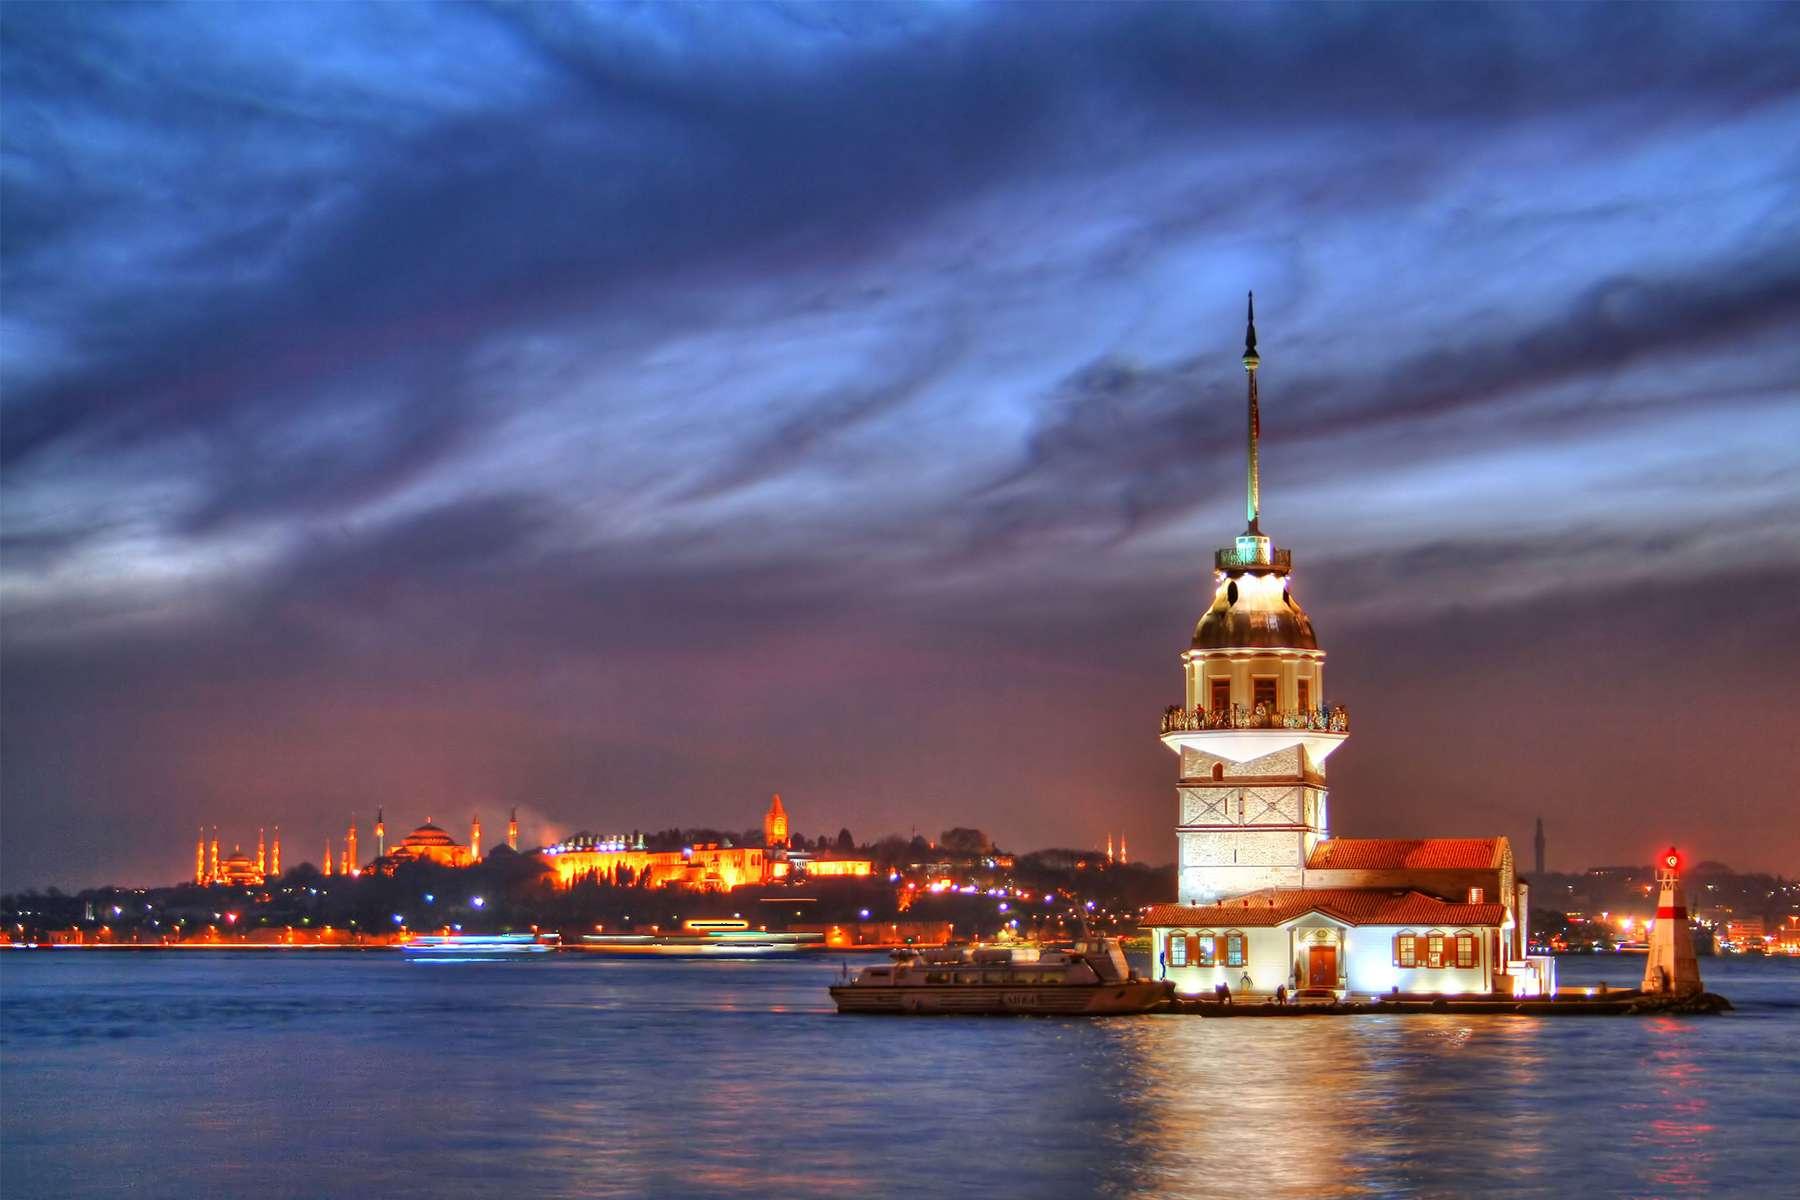 تور های لحظه آخری استانبول از تبریز